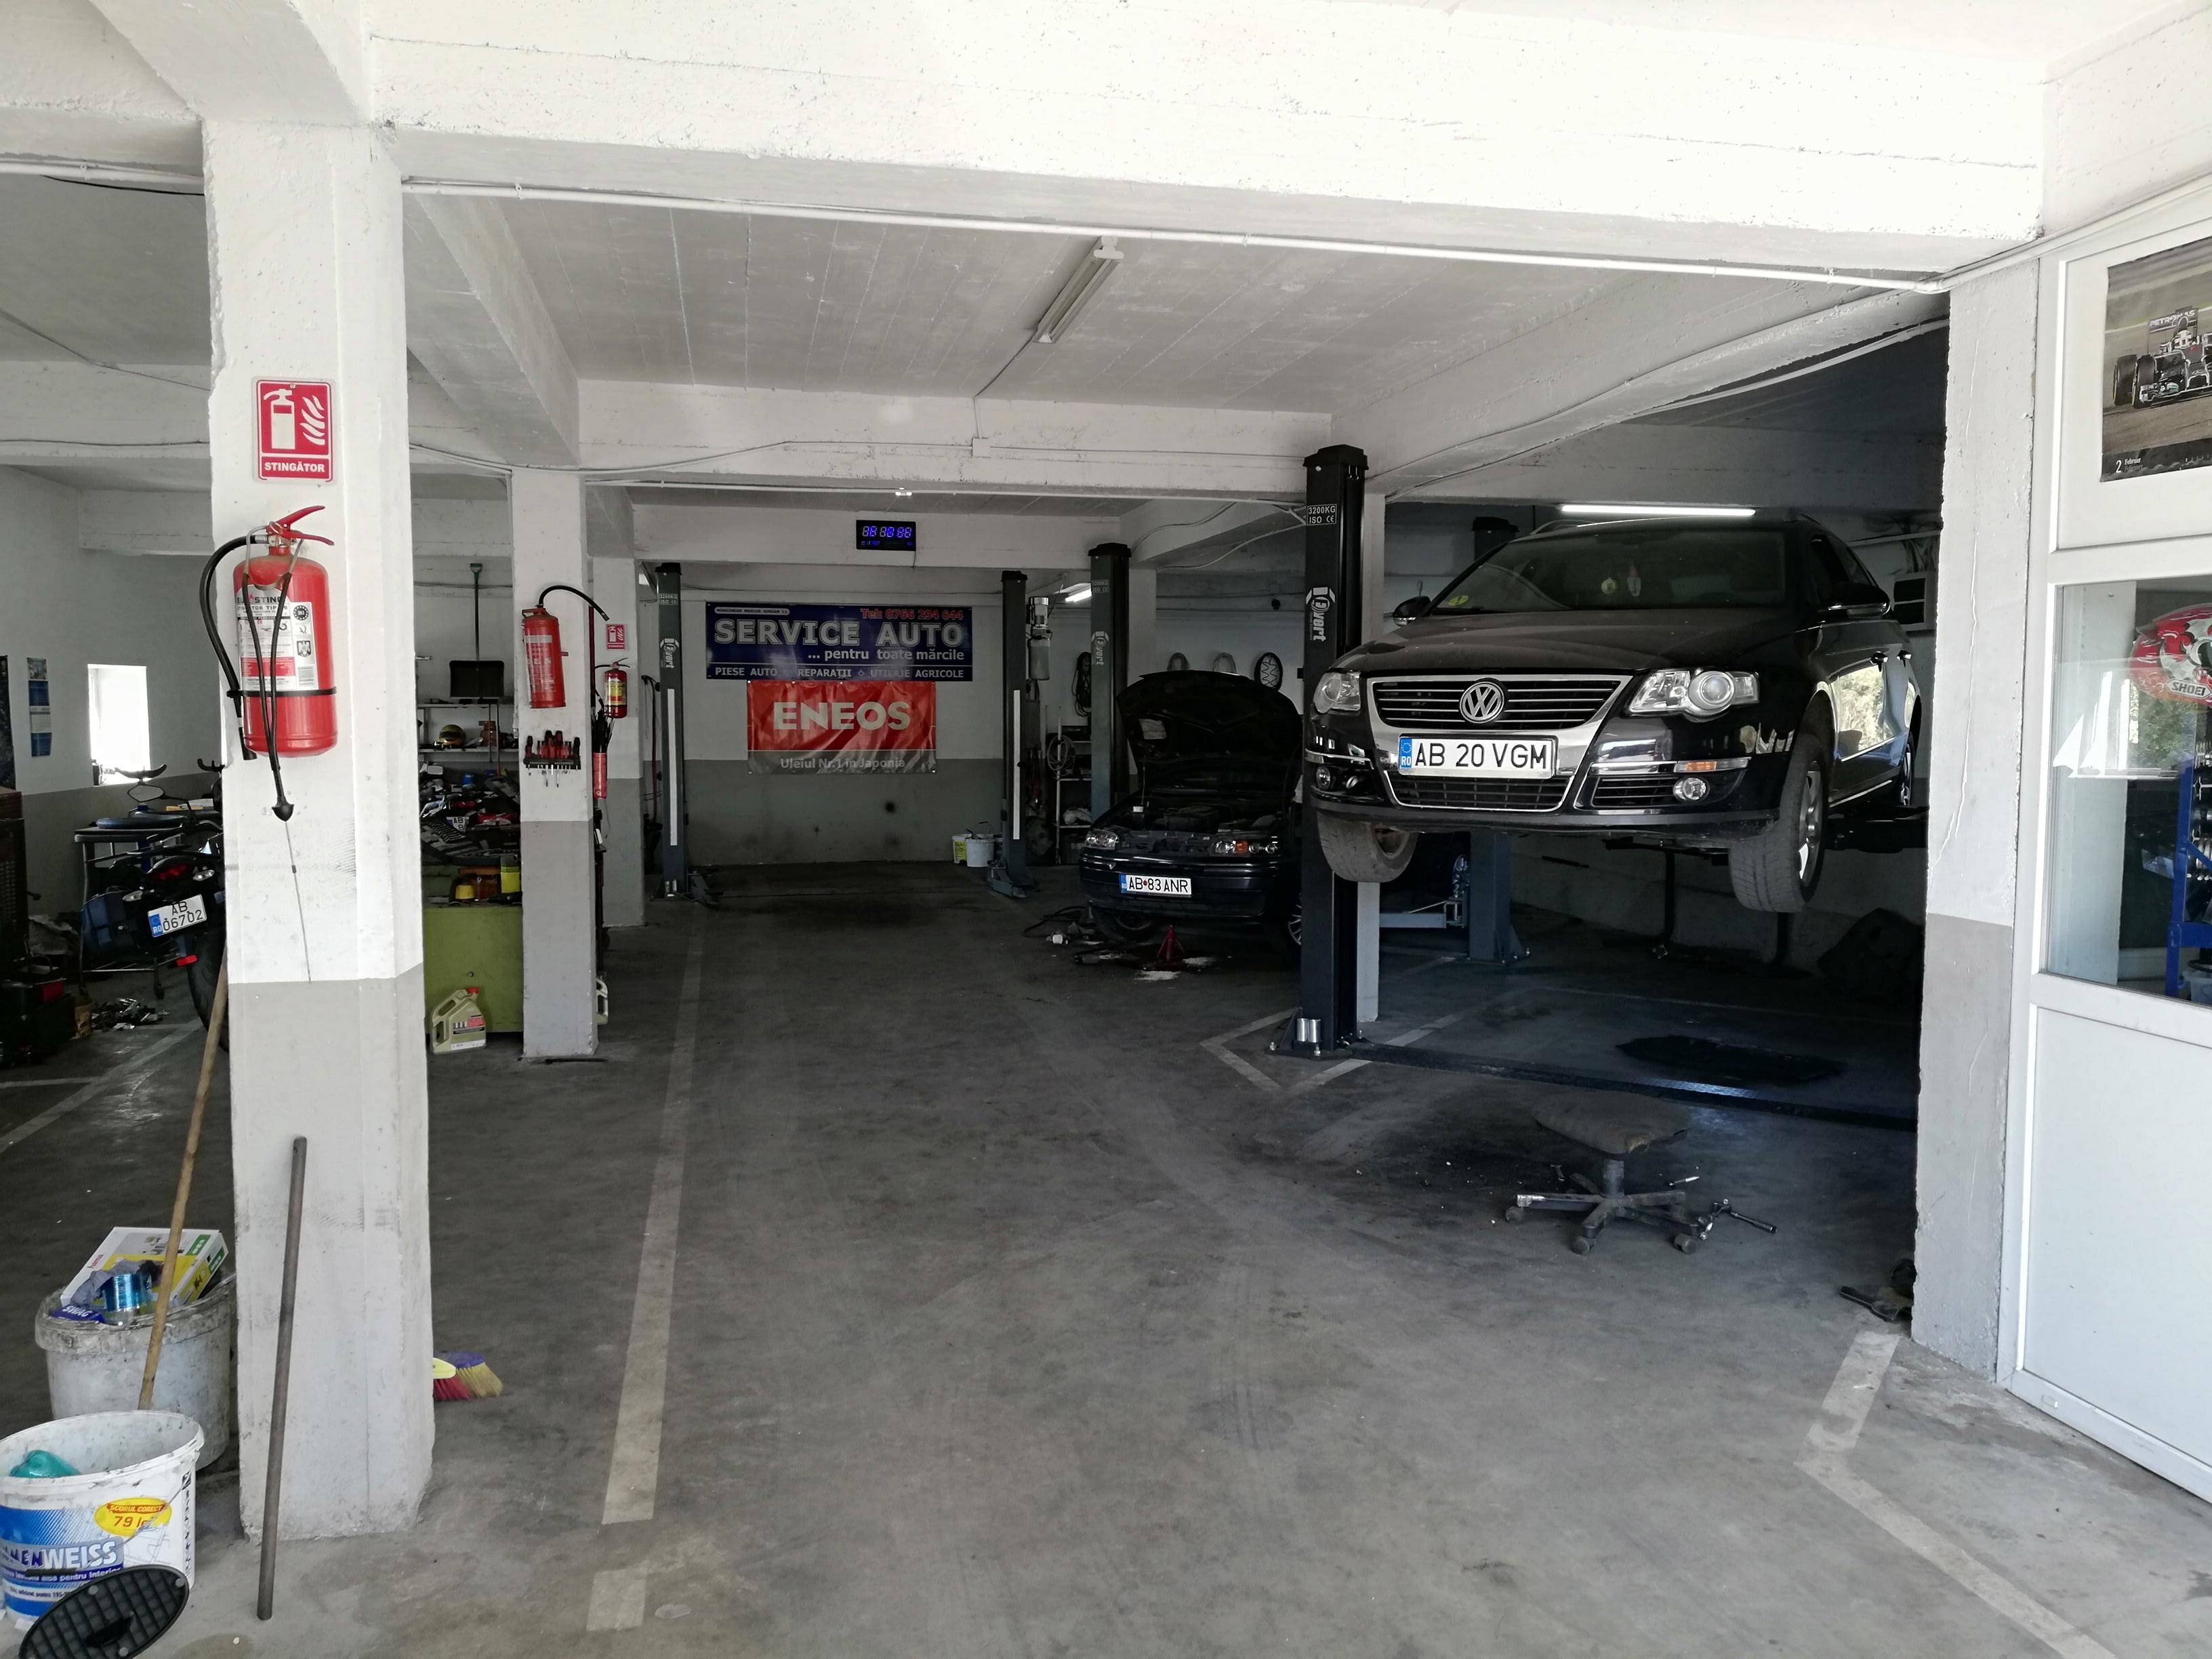 service_auto